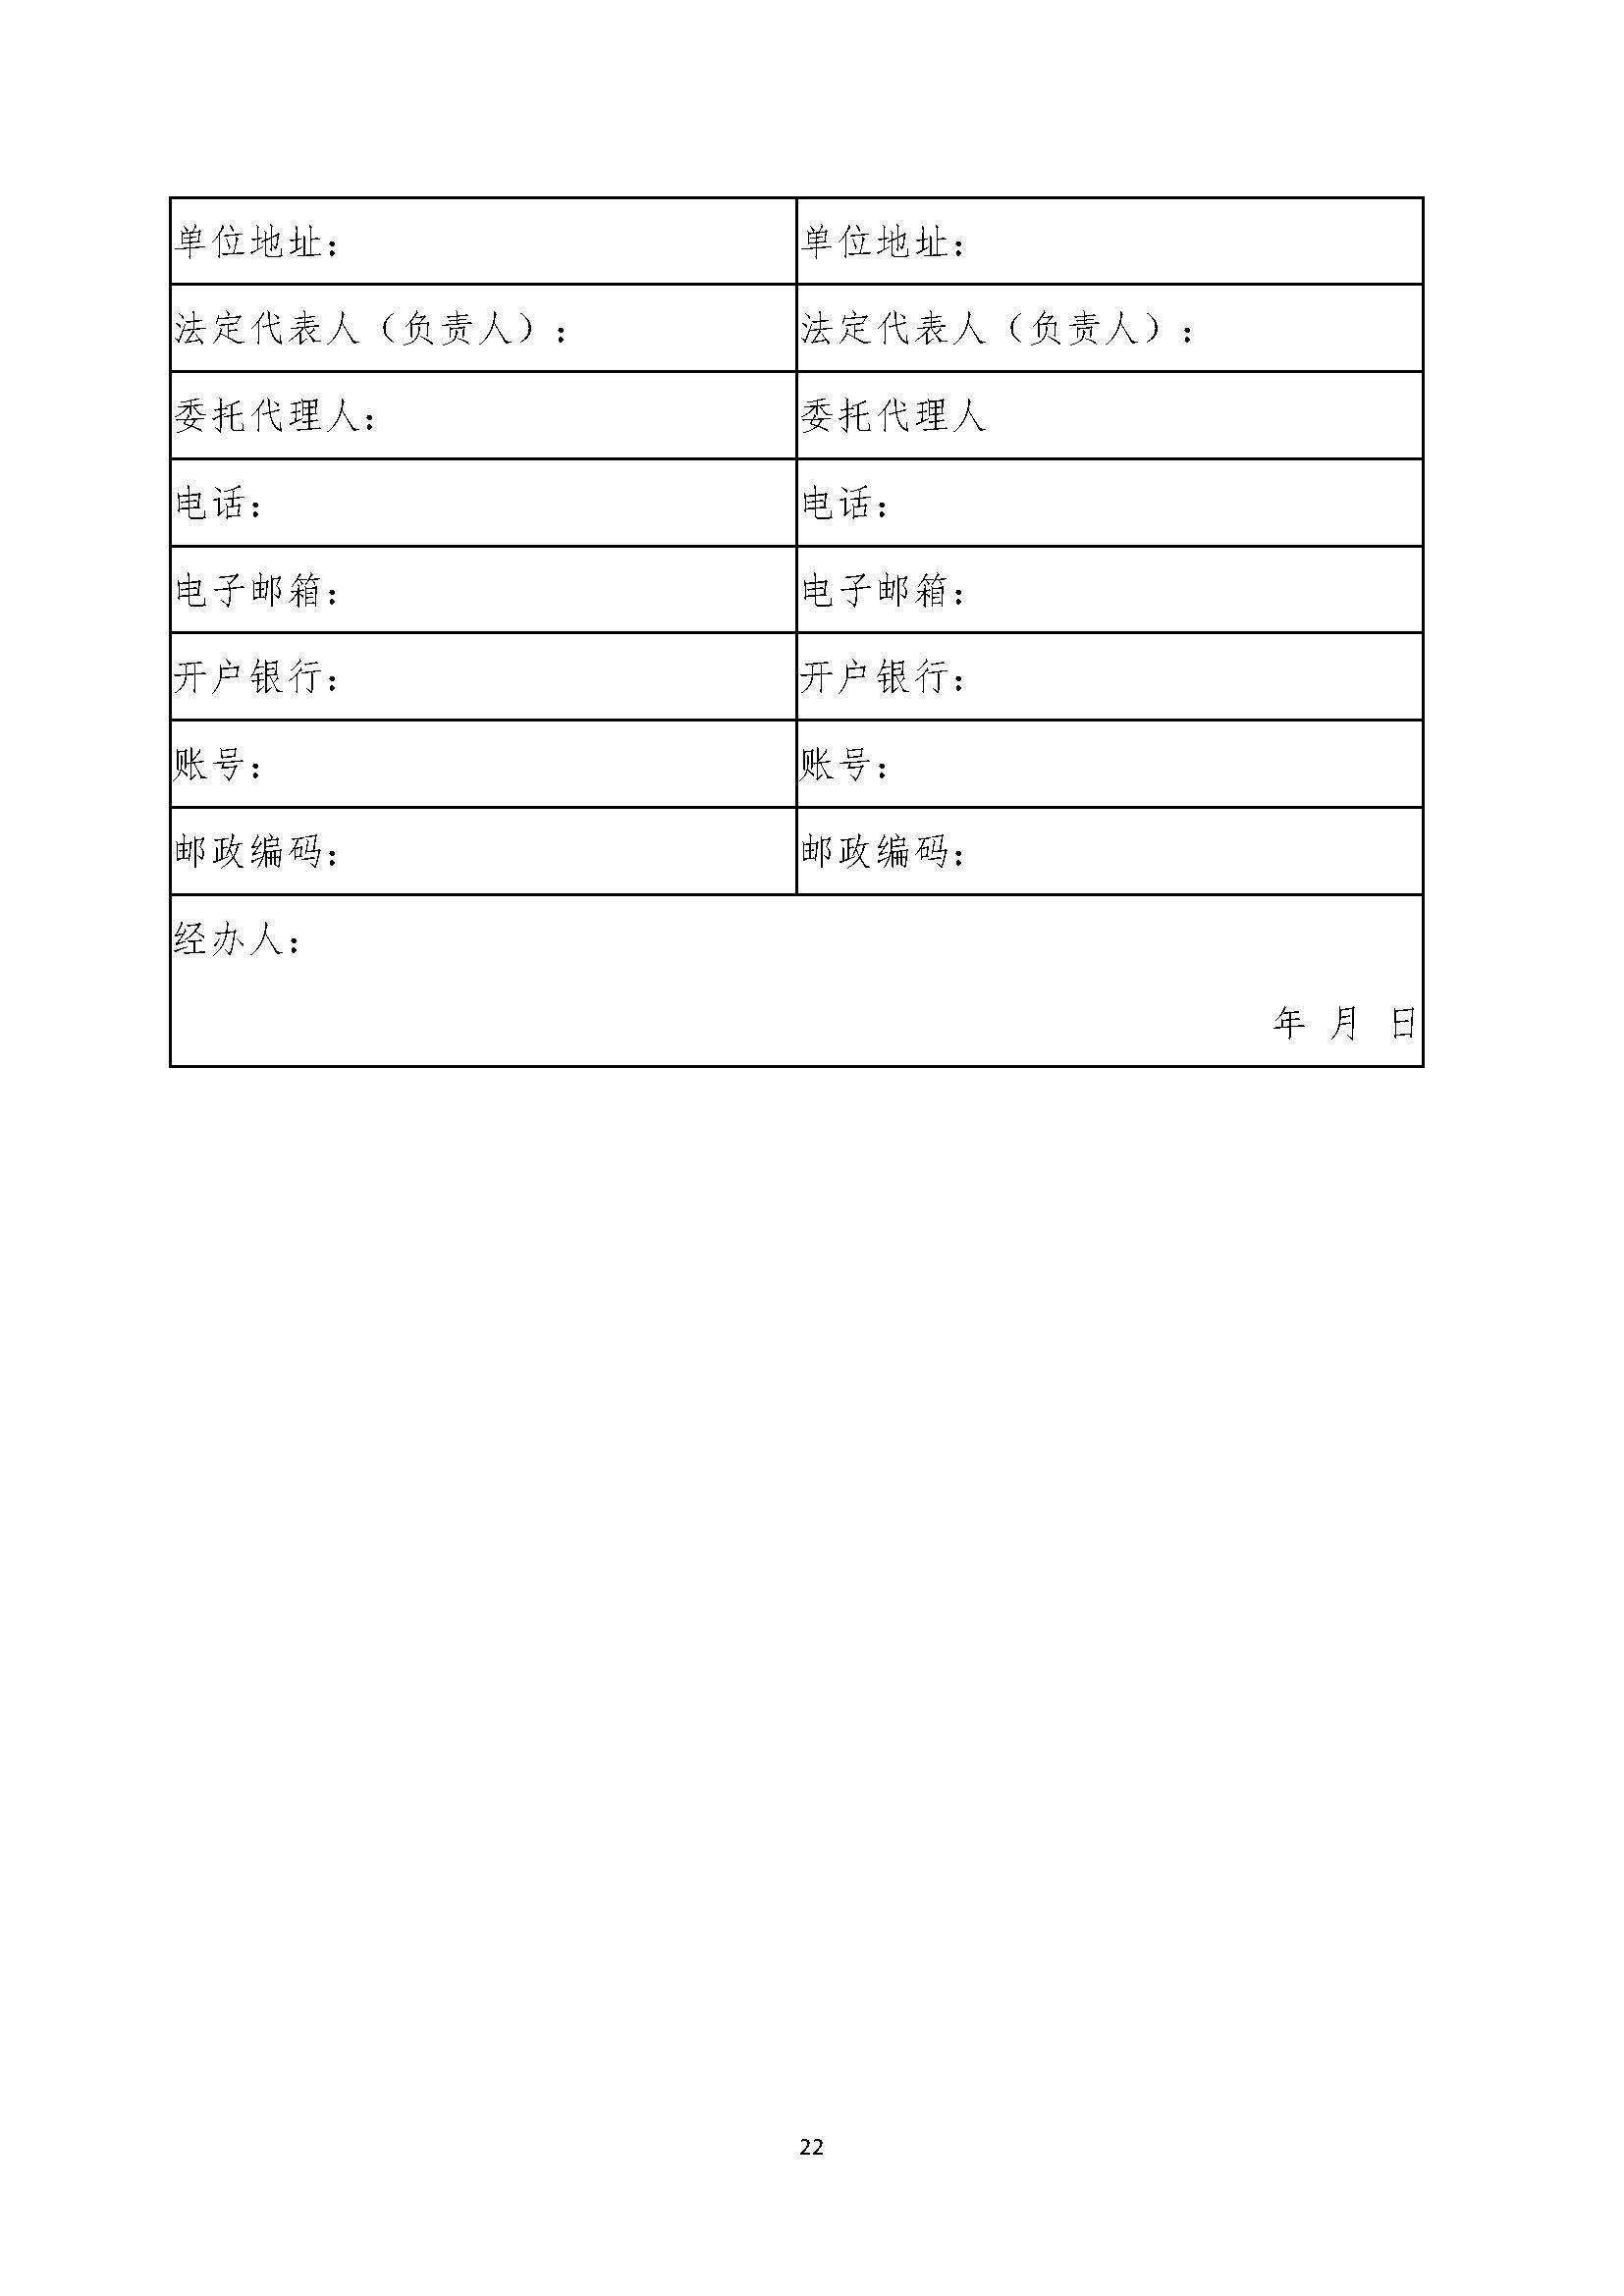 (确定)安徽快三基本走势图市政环卫园林绿化企业一体化面积测绘服务采购 竞争性谈判采购文件20200610(2)_页面_26.jpg